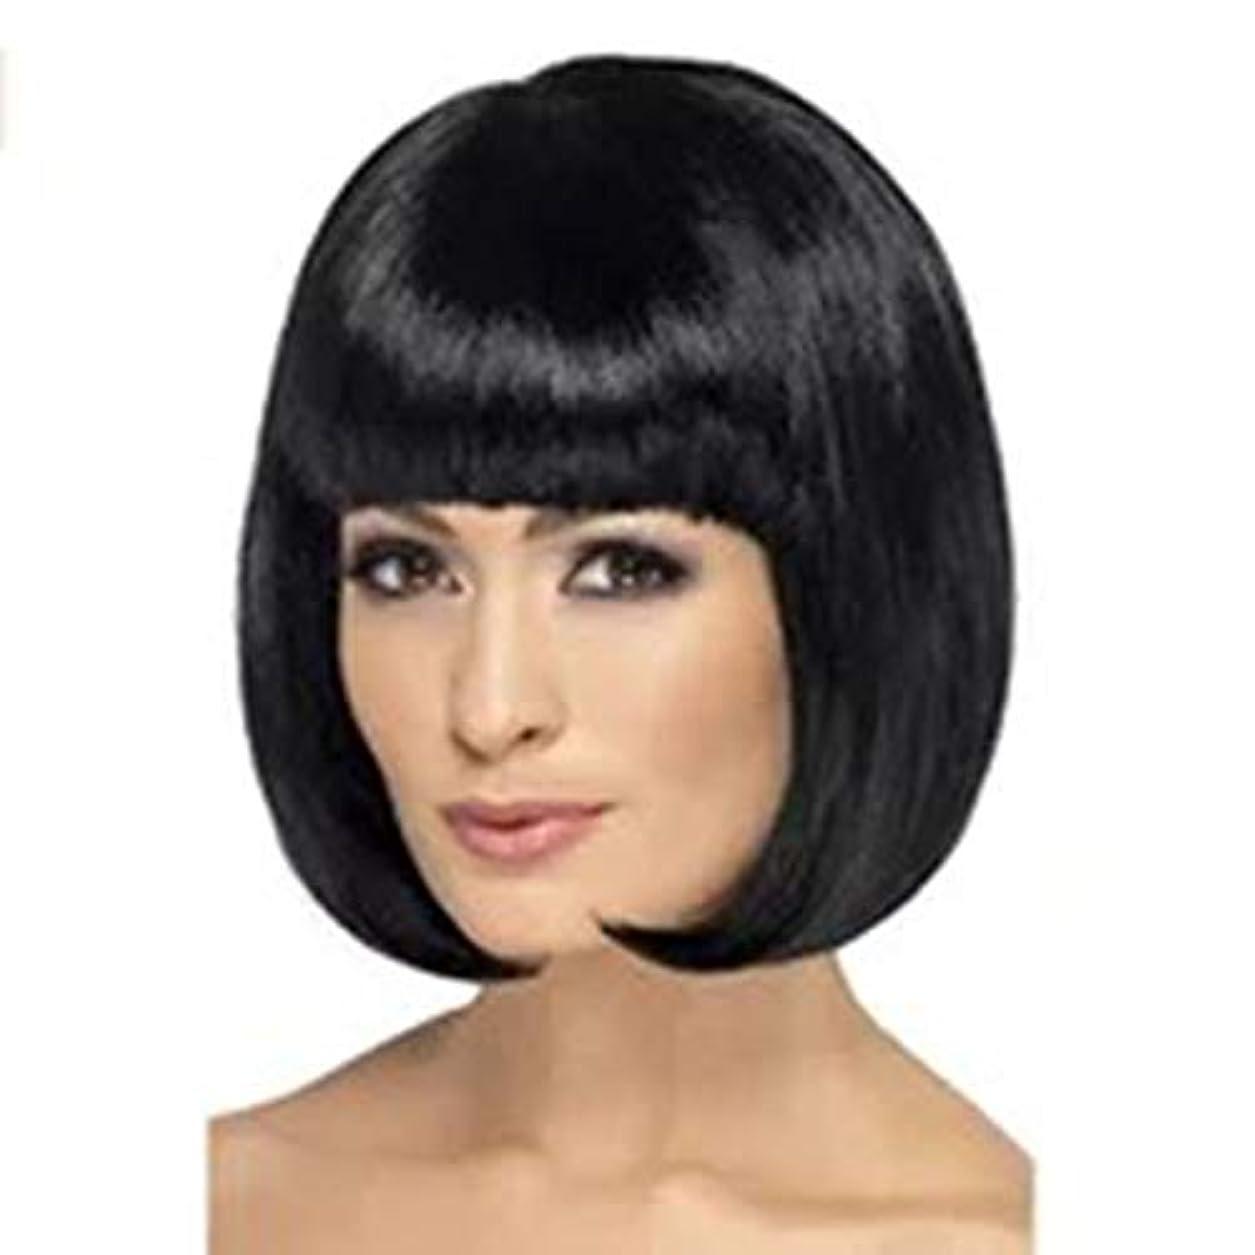 観点さらに解釈Summerys ボブかつら女性のための平らな前髪ふわふわ自然耐熱交換かつら完全な合成かつら